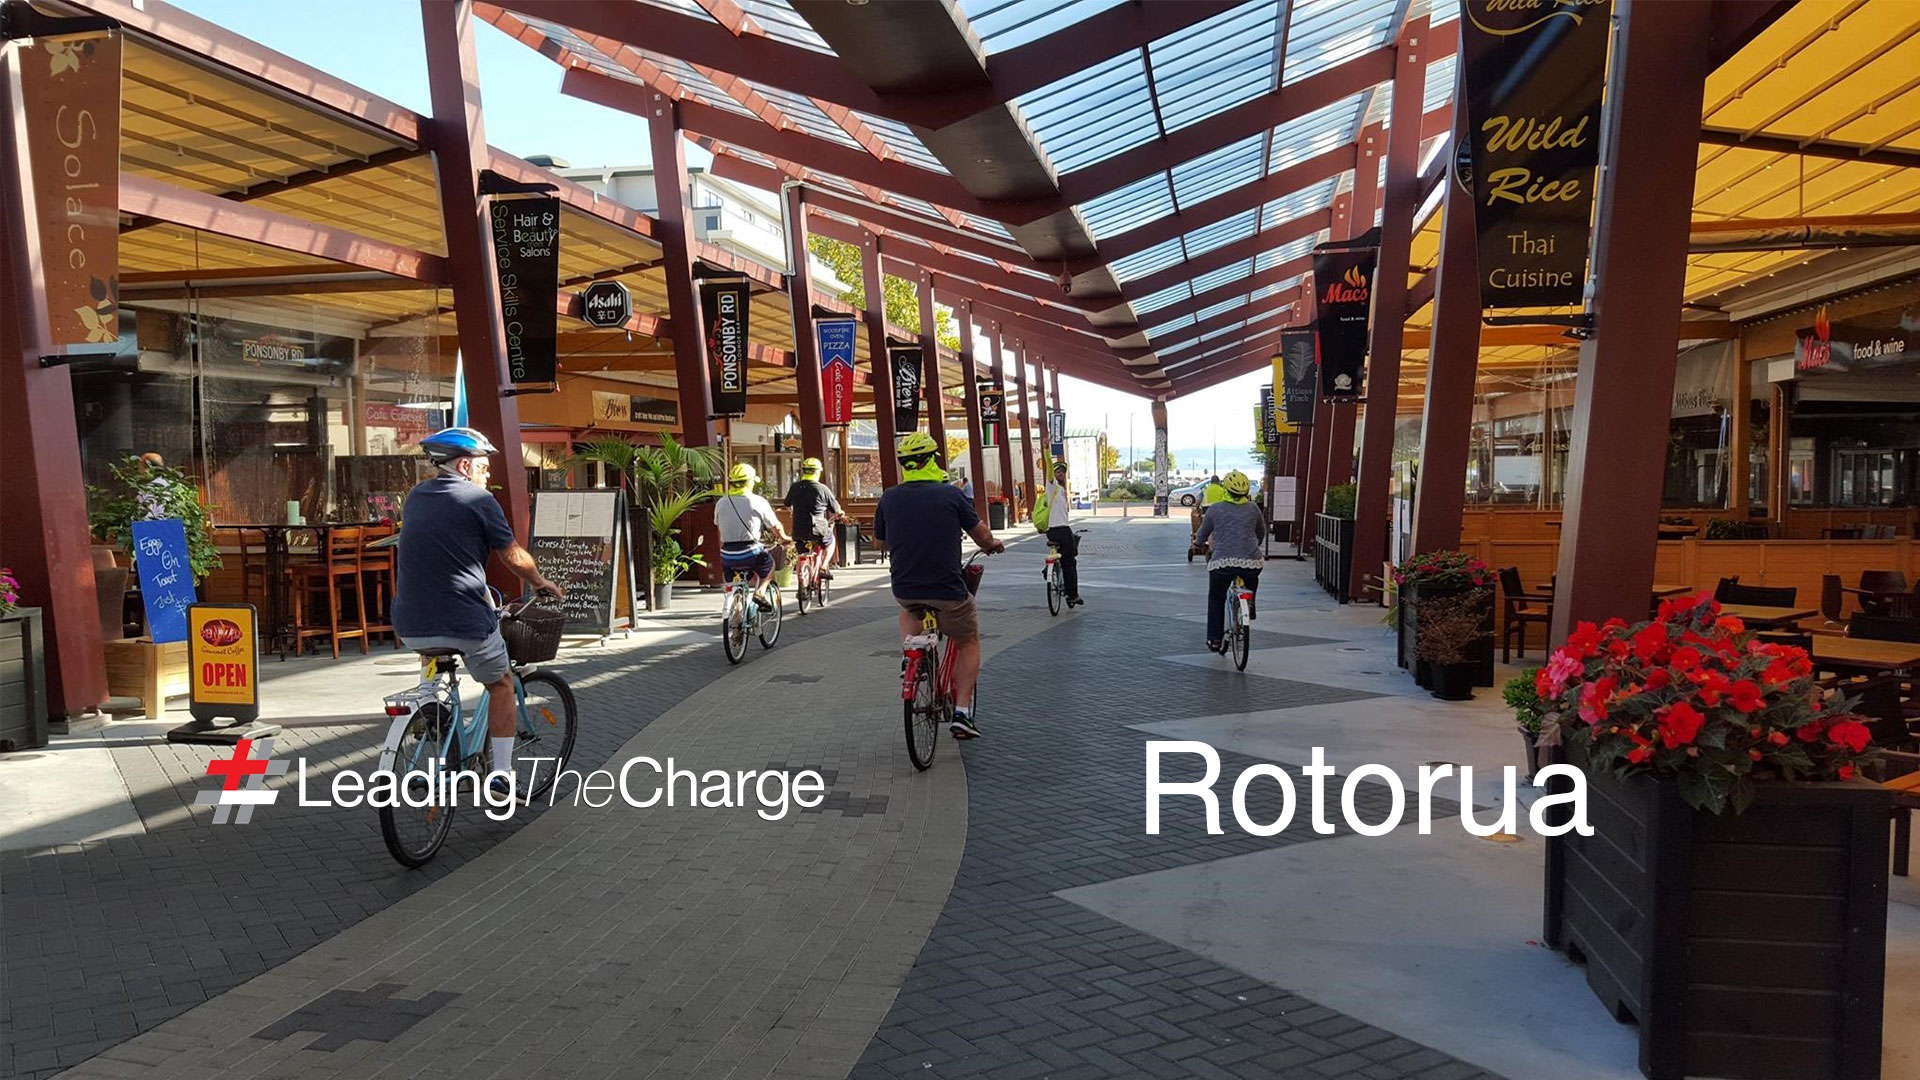 Rotorua_(1).jpg